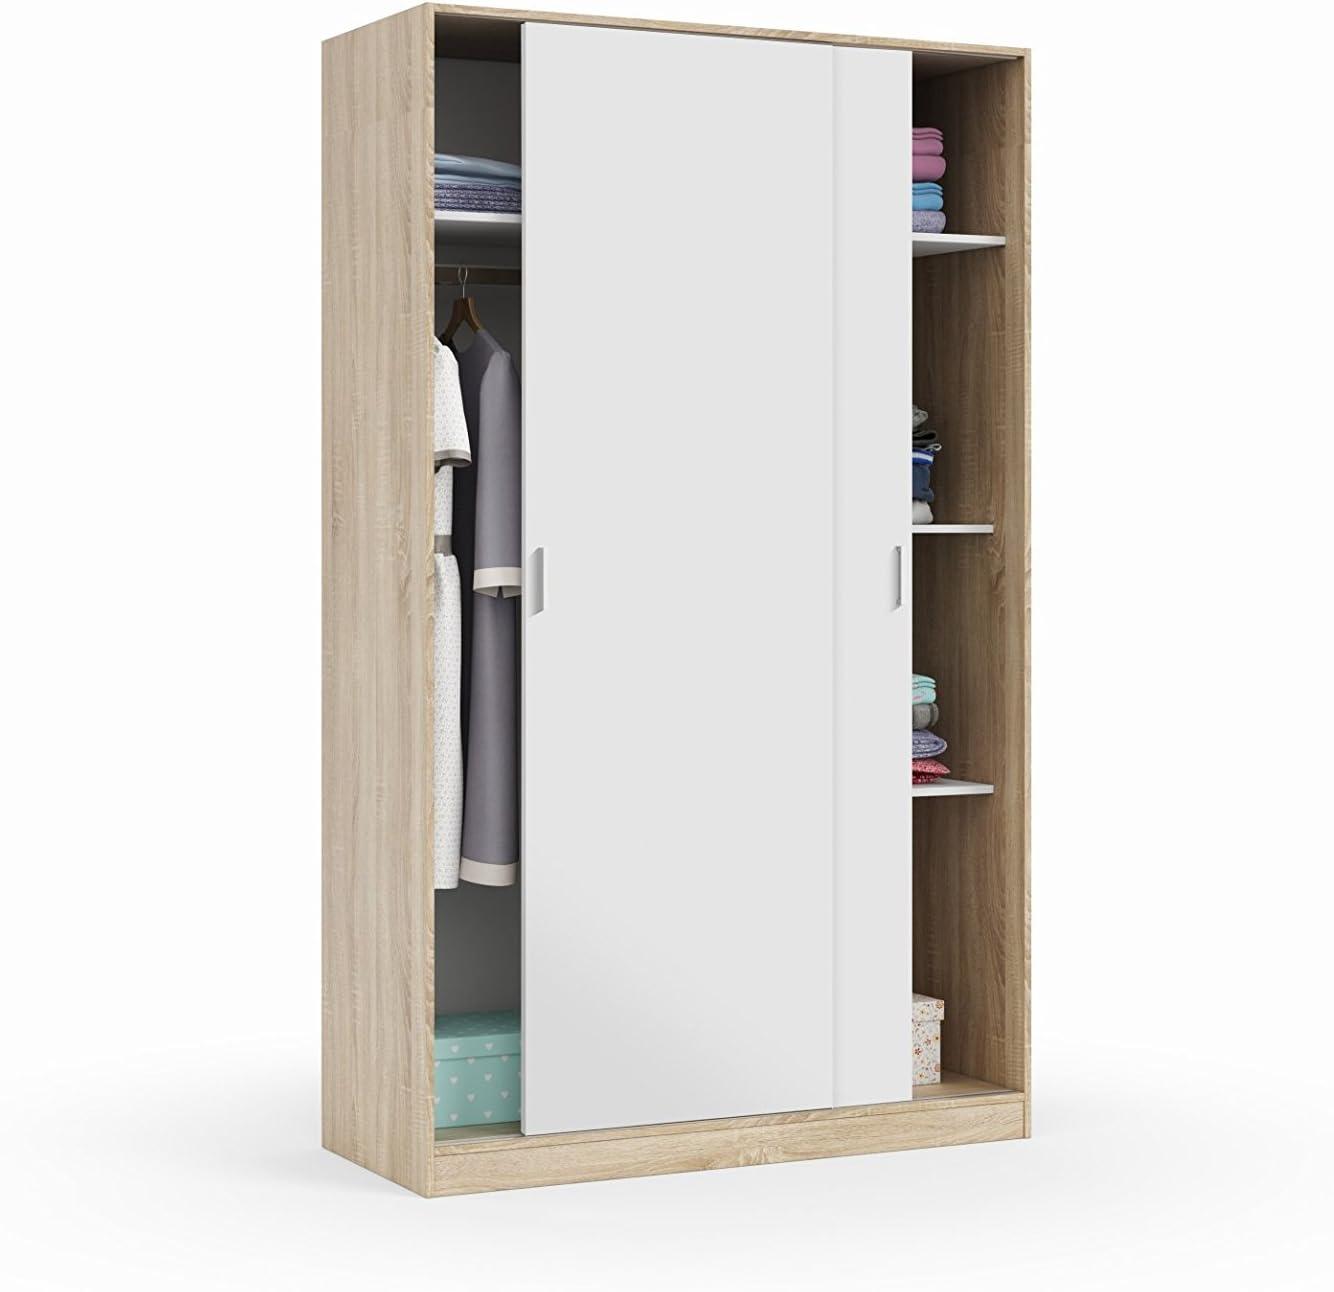 Habitdesign MAX120F - Armario Dos Puertas correderas, Armario ropero Tres estantes, Medidas: 200 x 120 x 50 cm (Blanco Artik y Roble Canadian)